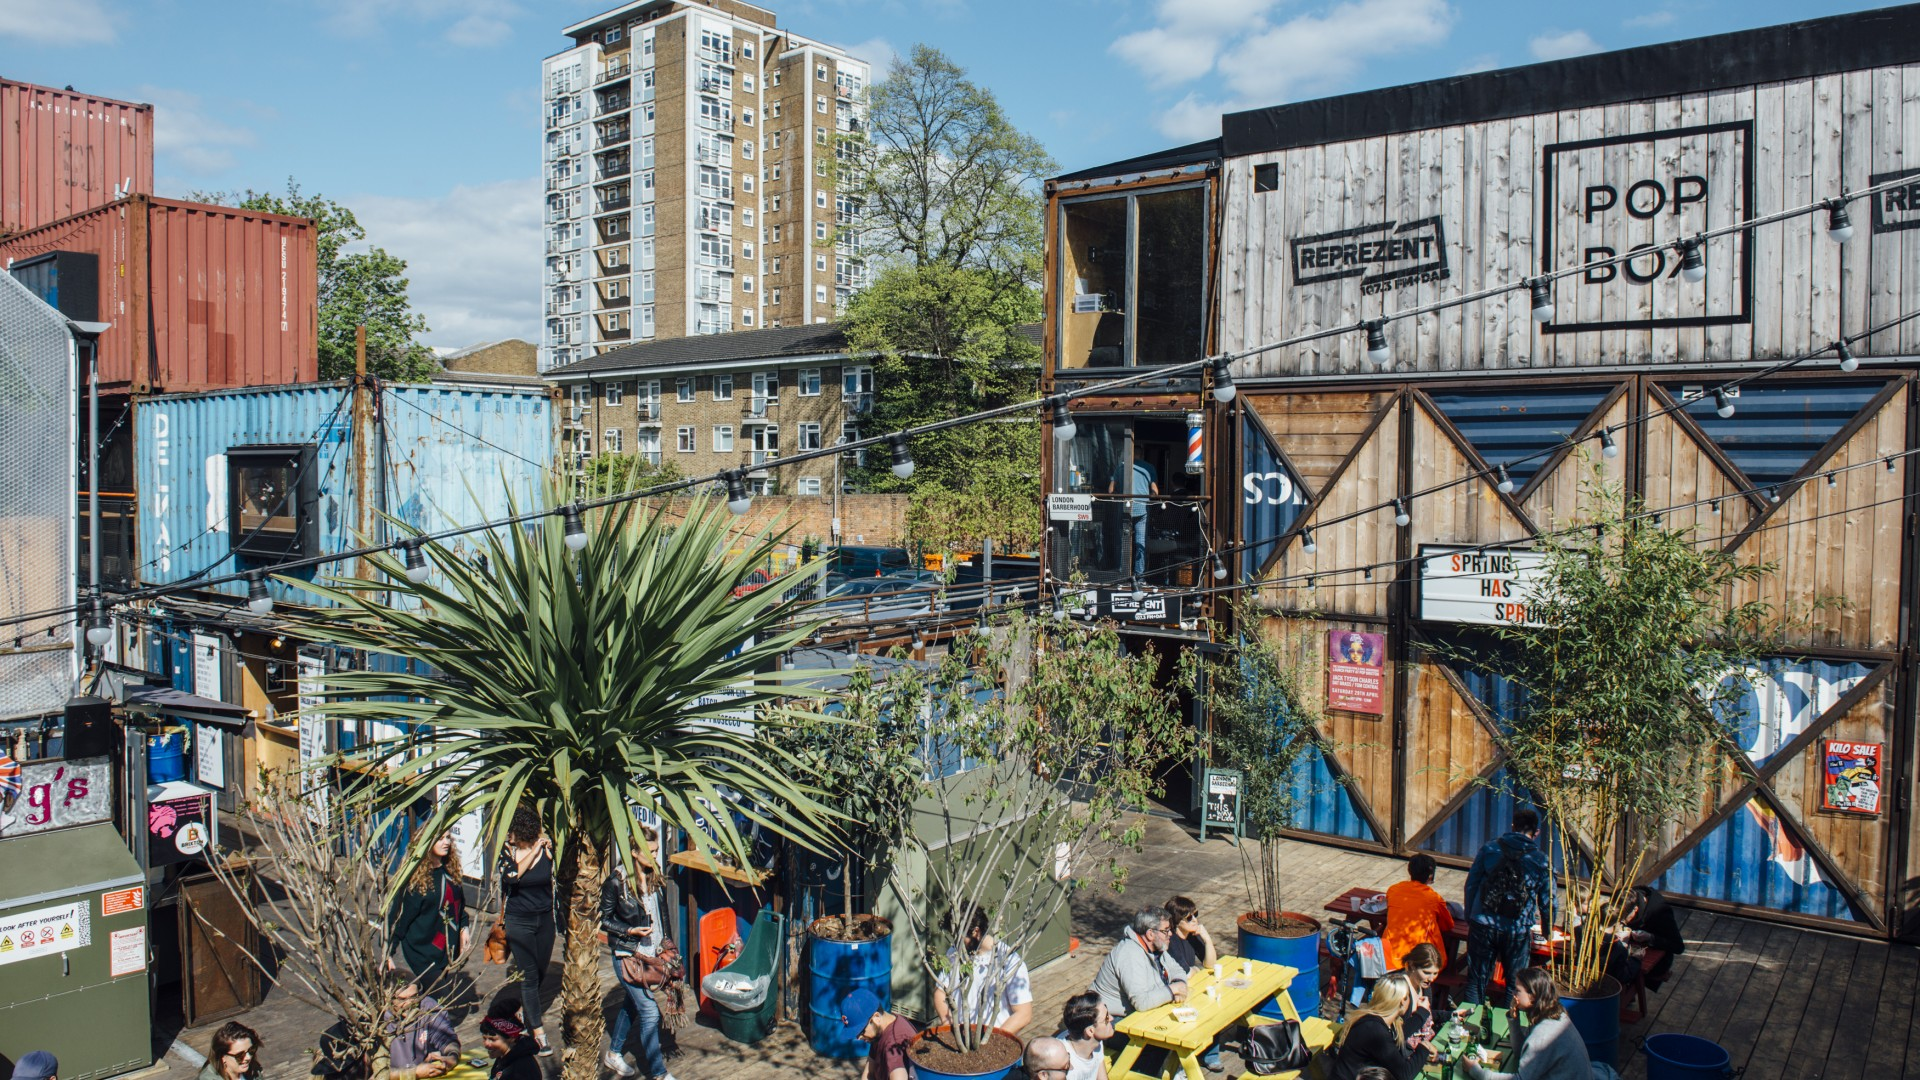 Best food markets in London - Pop Brixton